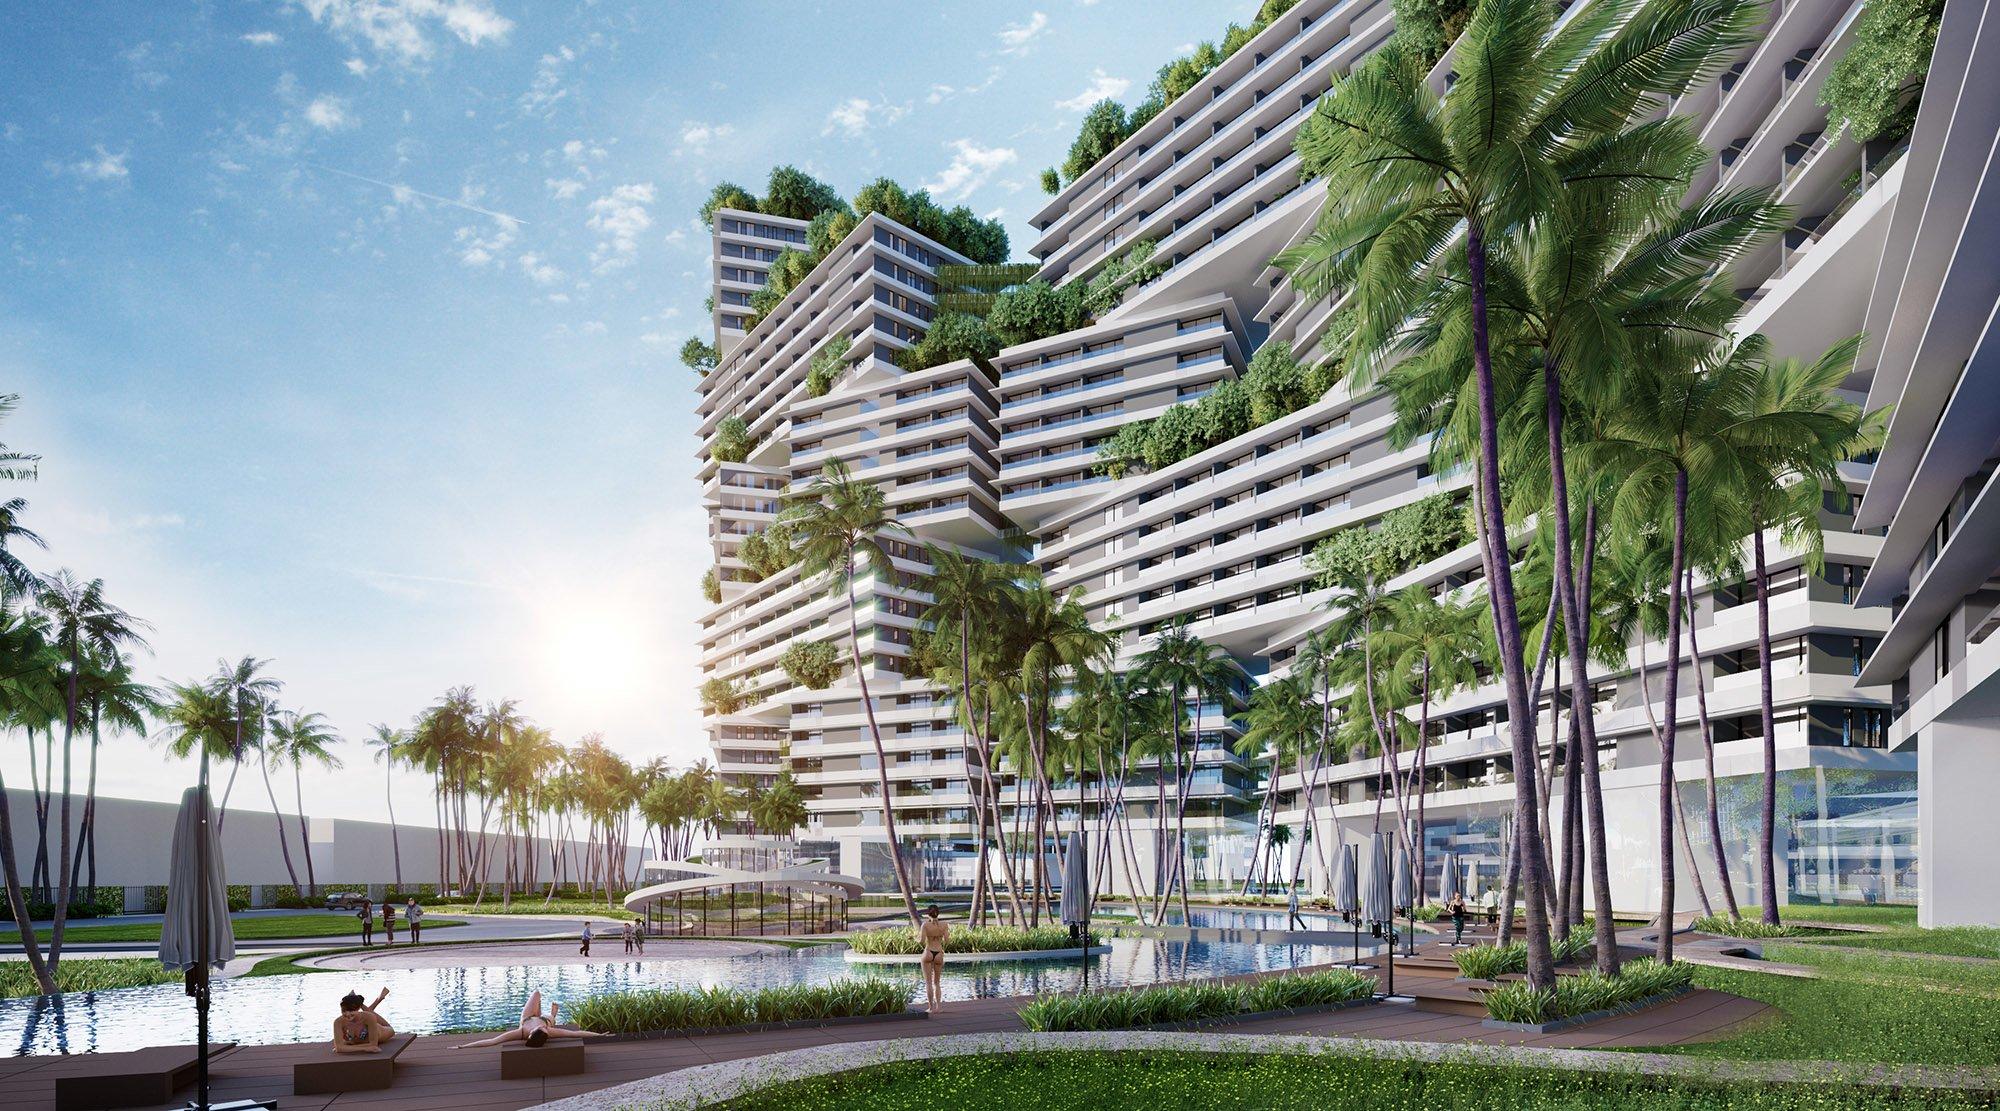 Kiến trúc và thiết kế dự án Thanh Long Bay Bình Thuận - DỰ ÁN THANH LONG BAY PHAN THIẾT TỈNH BÌNH THUẬN